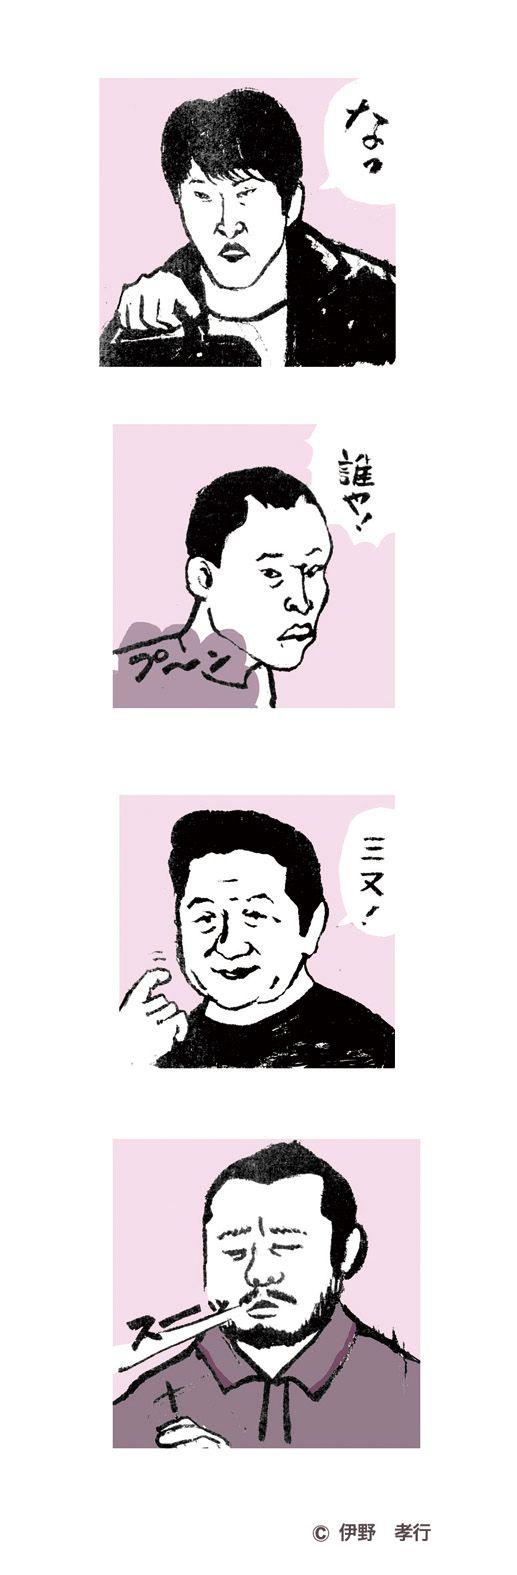 マンスリーよしもと | 伊野孝行のブログ | 伊野孝行のイラスト芸術